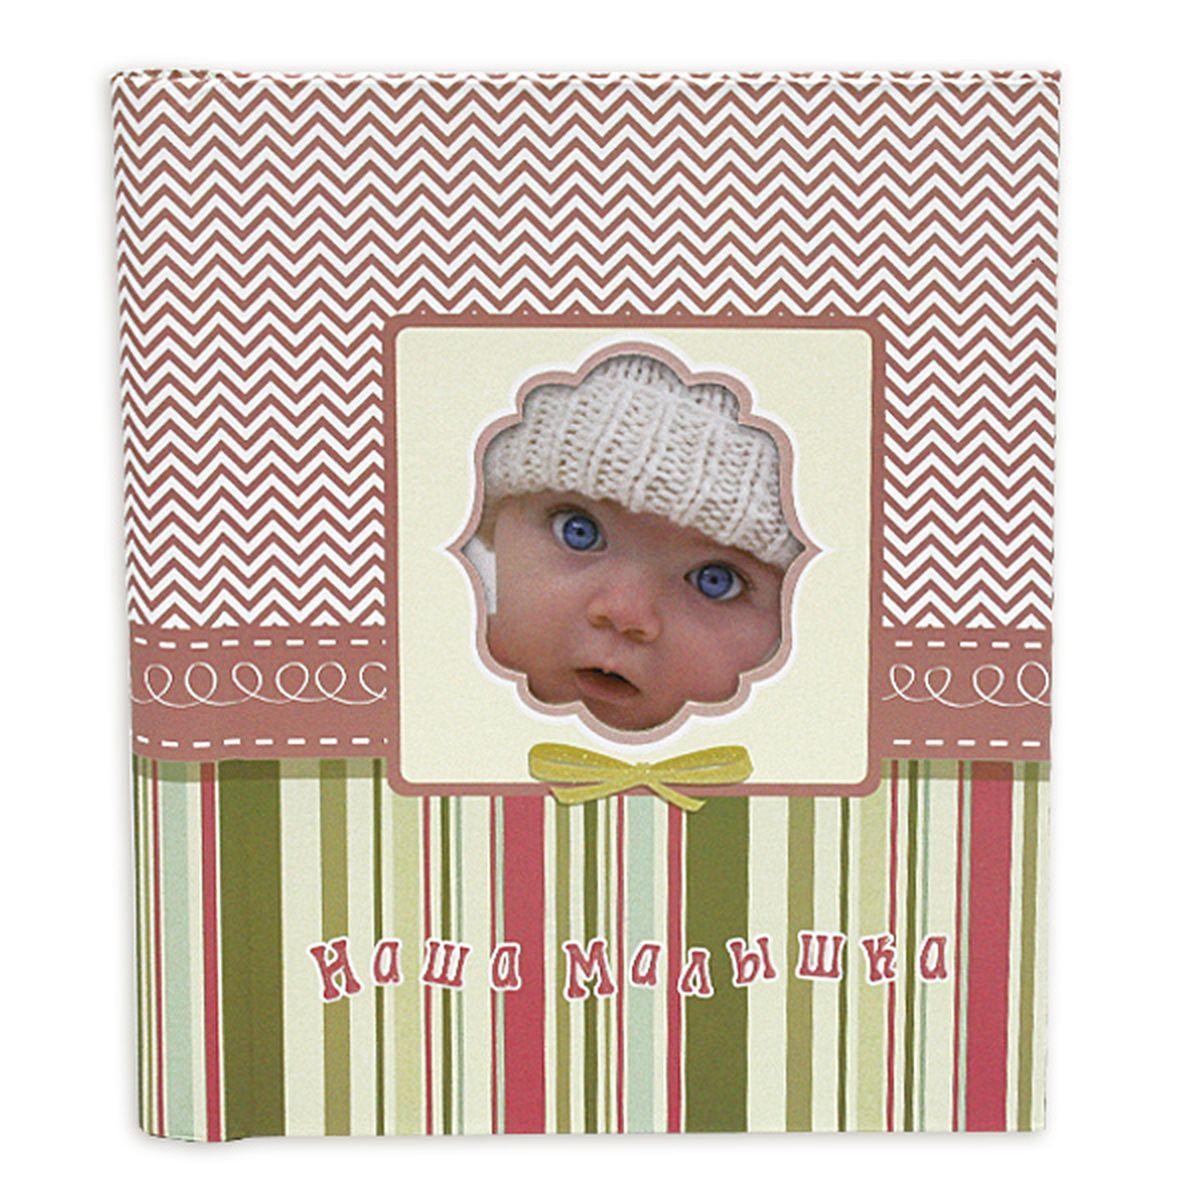 Фотокнига Pioneer Our Baby 8, 20 магнитных листов, 23 x 28 см. 46422 FA46422 FAФотокнига Pioneer Our Baby 8 позволит вам запечатлеть моменты жизни вашего ребенка. Изделие выполнено из картона и плотной бумаги, может быть использована для создания памятного альбома в технике скрапбукинг. В книге находится 20 страниц-анкет для заполнения и рамка для фото. Всего внутри может быть расположено 20 фото. Тип скрепления: спиральФормат фотографий: 23 х 28 смМатериал страниц: бумагаТип страниц: магнитный